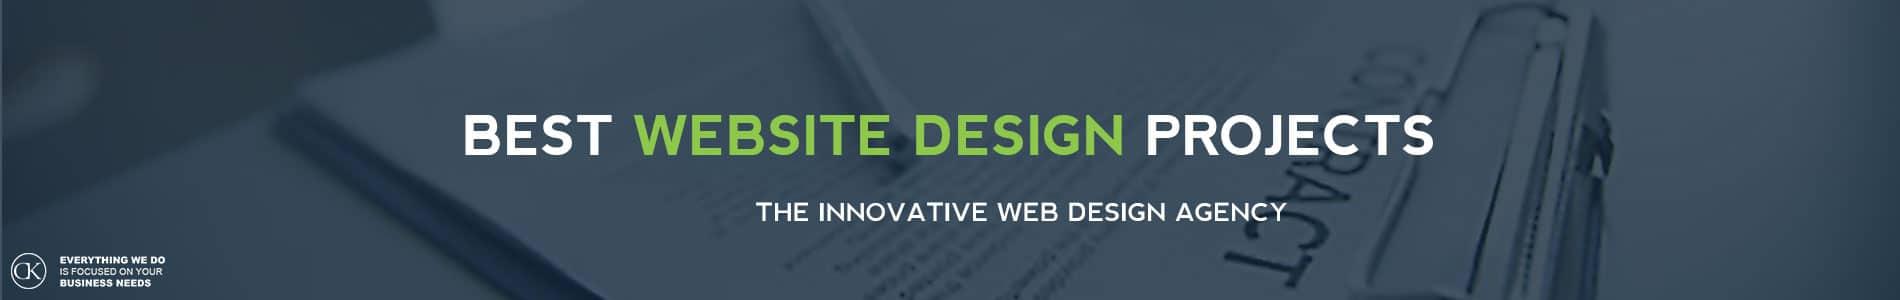 BEST website design projects by CK website design Dublin